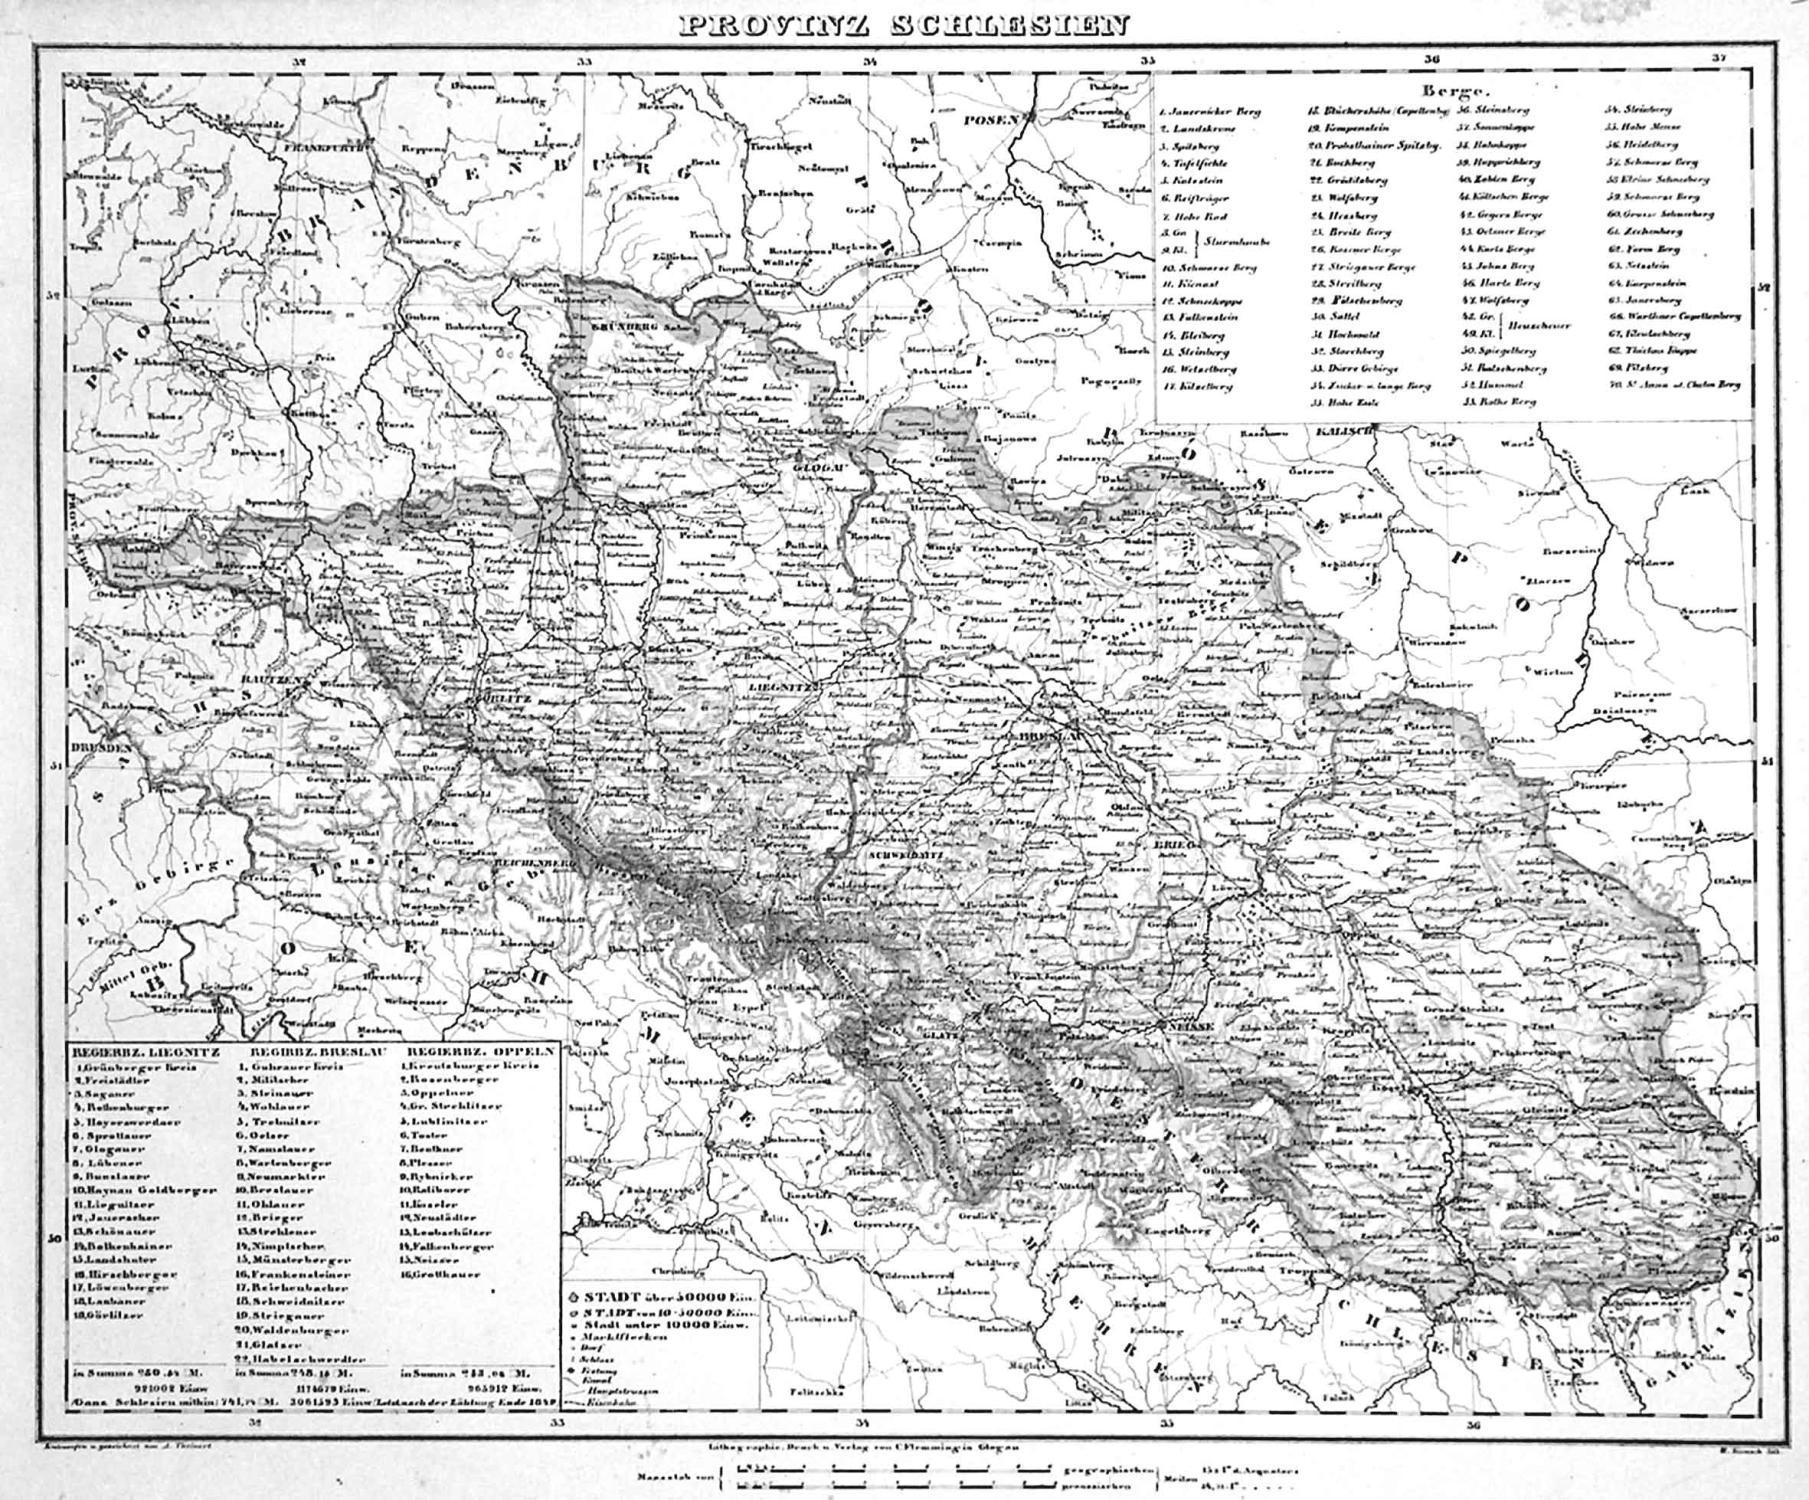 Schlesien Karte Heute.Lithografie Karte V Kunsch N Theinert B